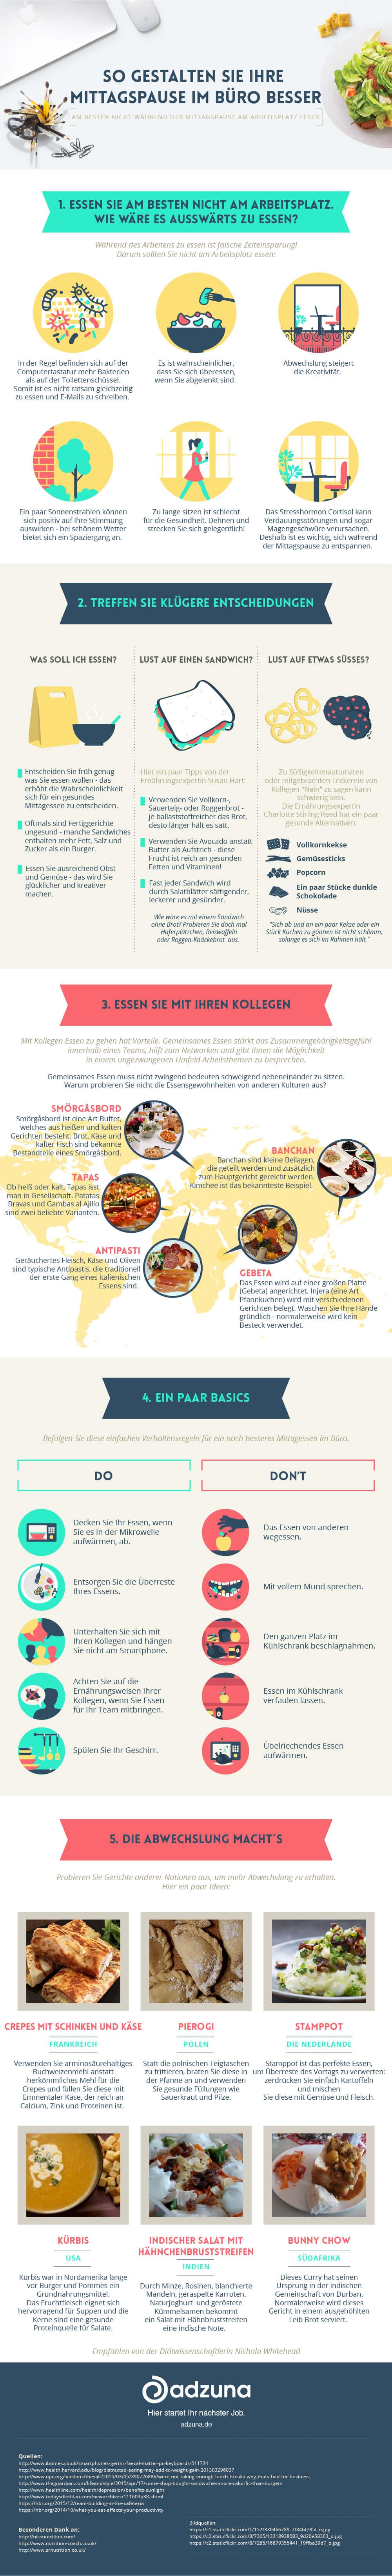 Mittagspause-besser-gestalten-Eine-Infografik